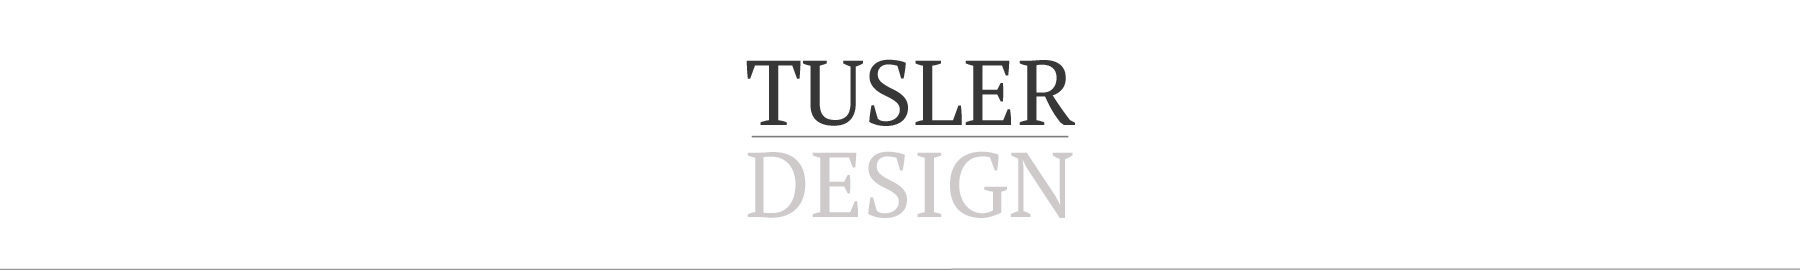 Tusler Design